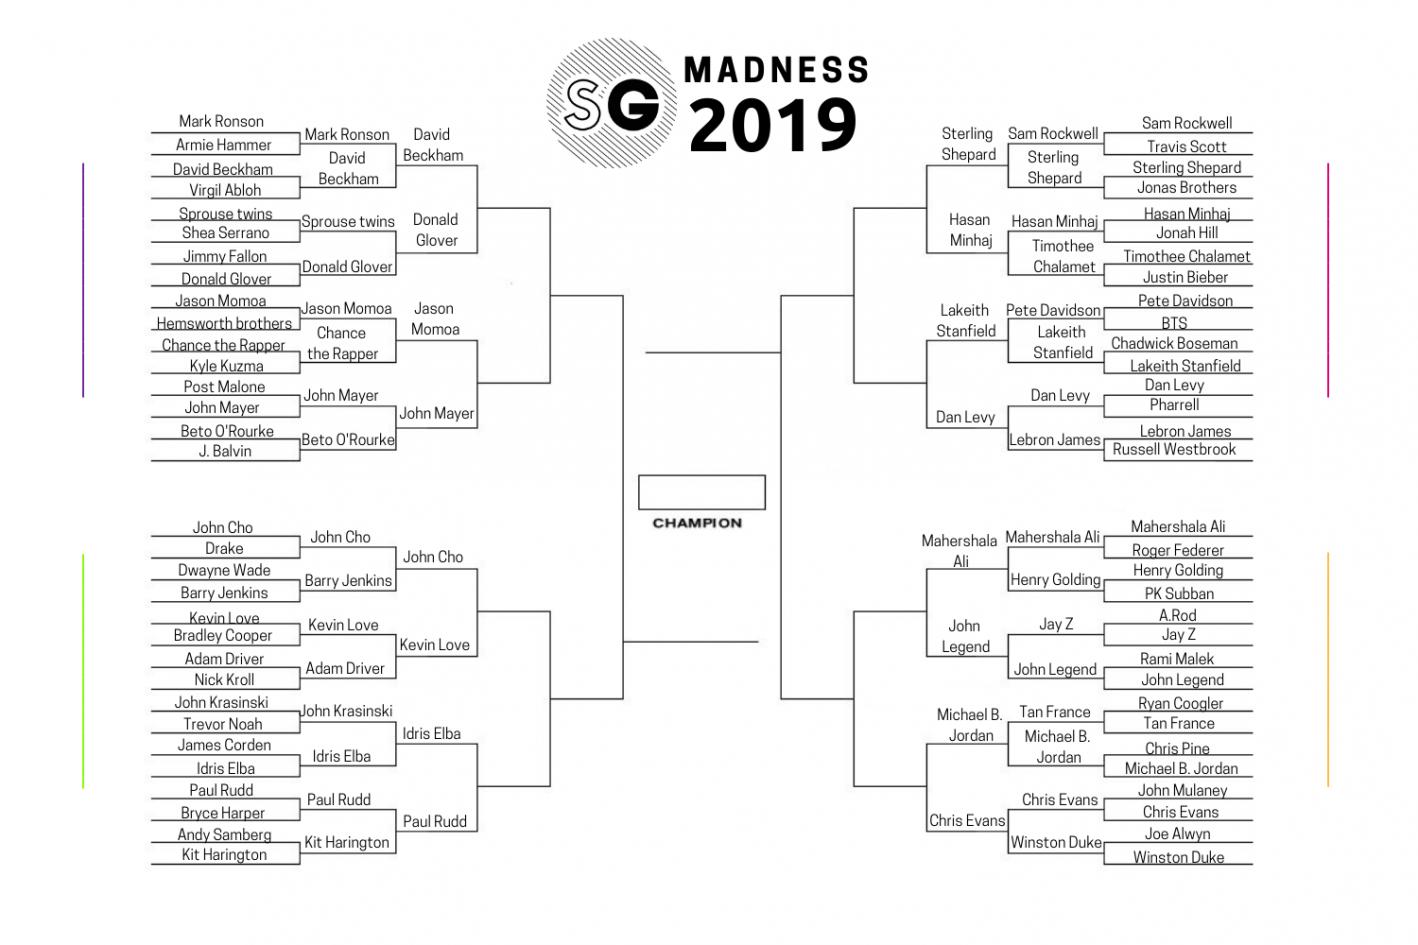 sg madness 2019 round 3